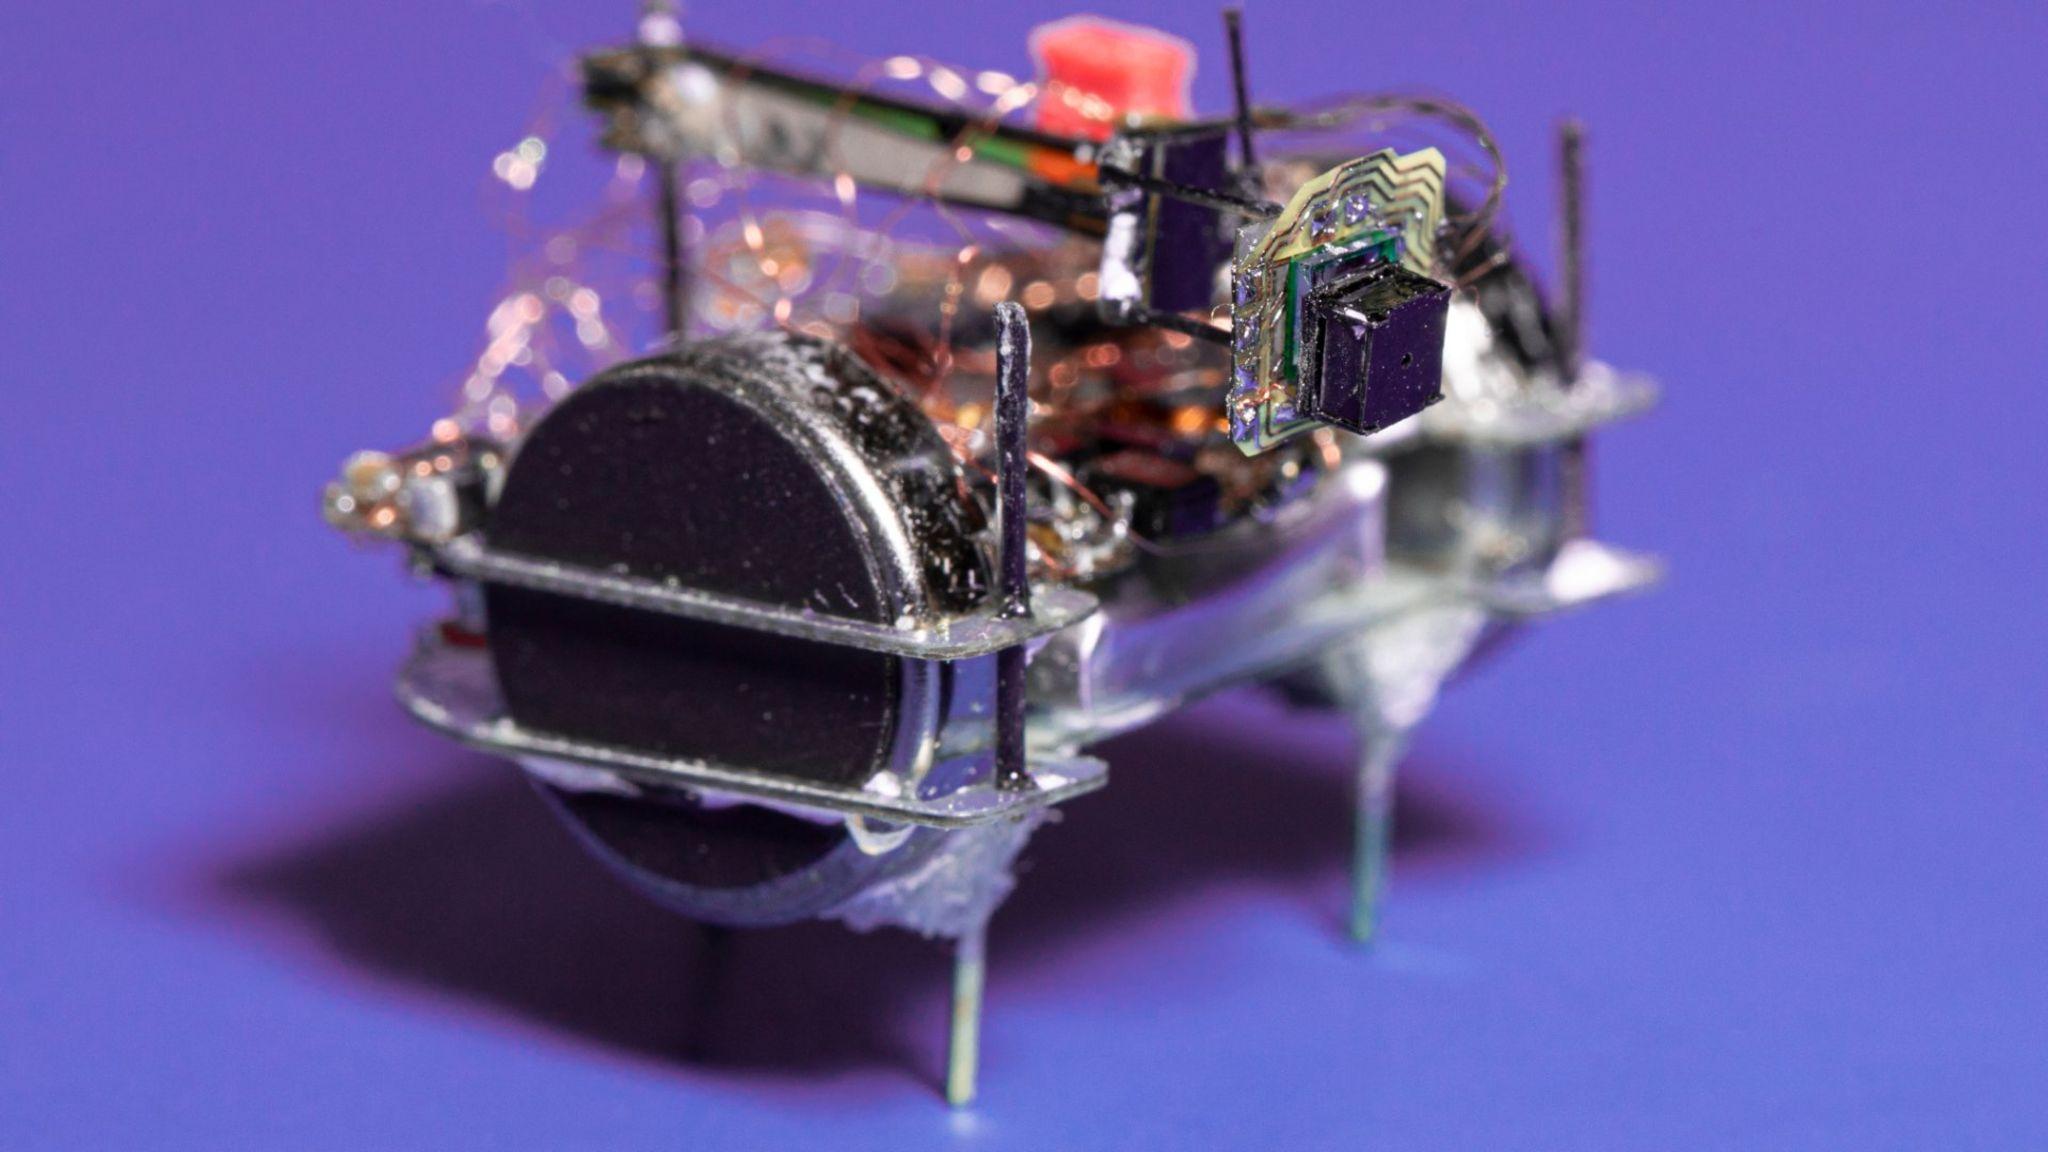 Tiny camera robot